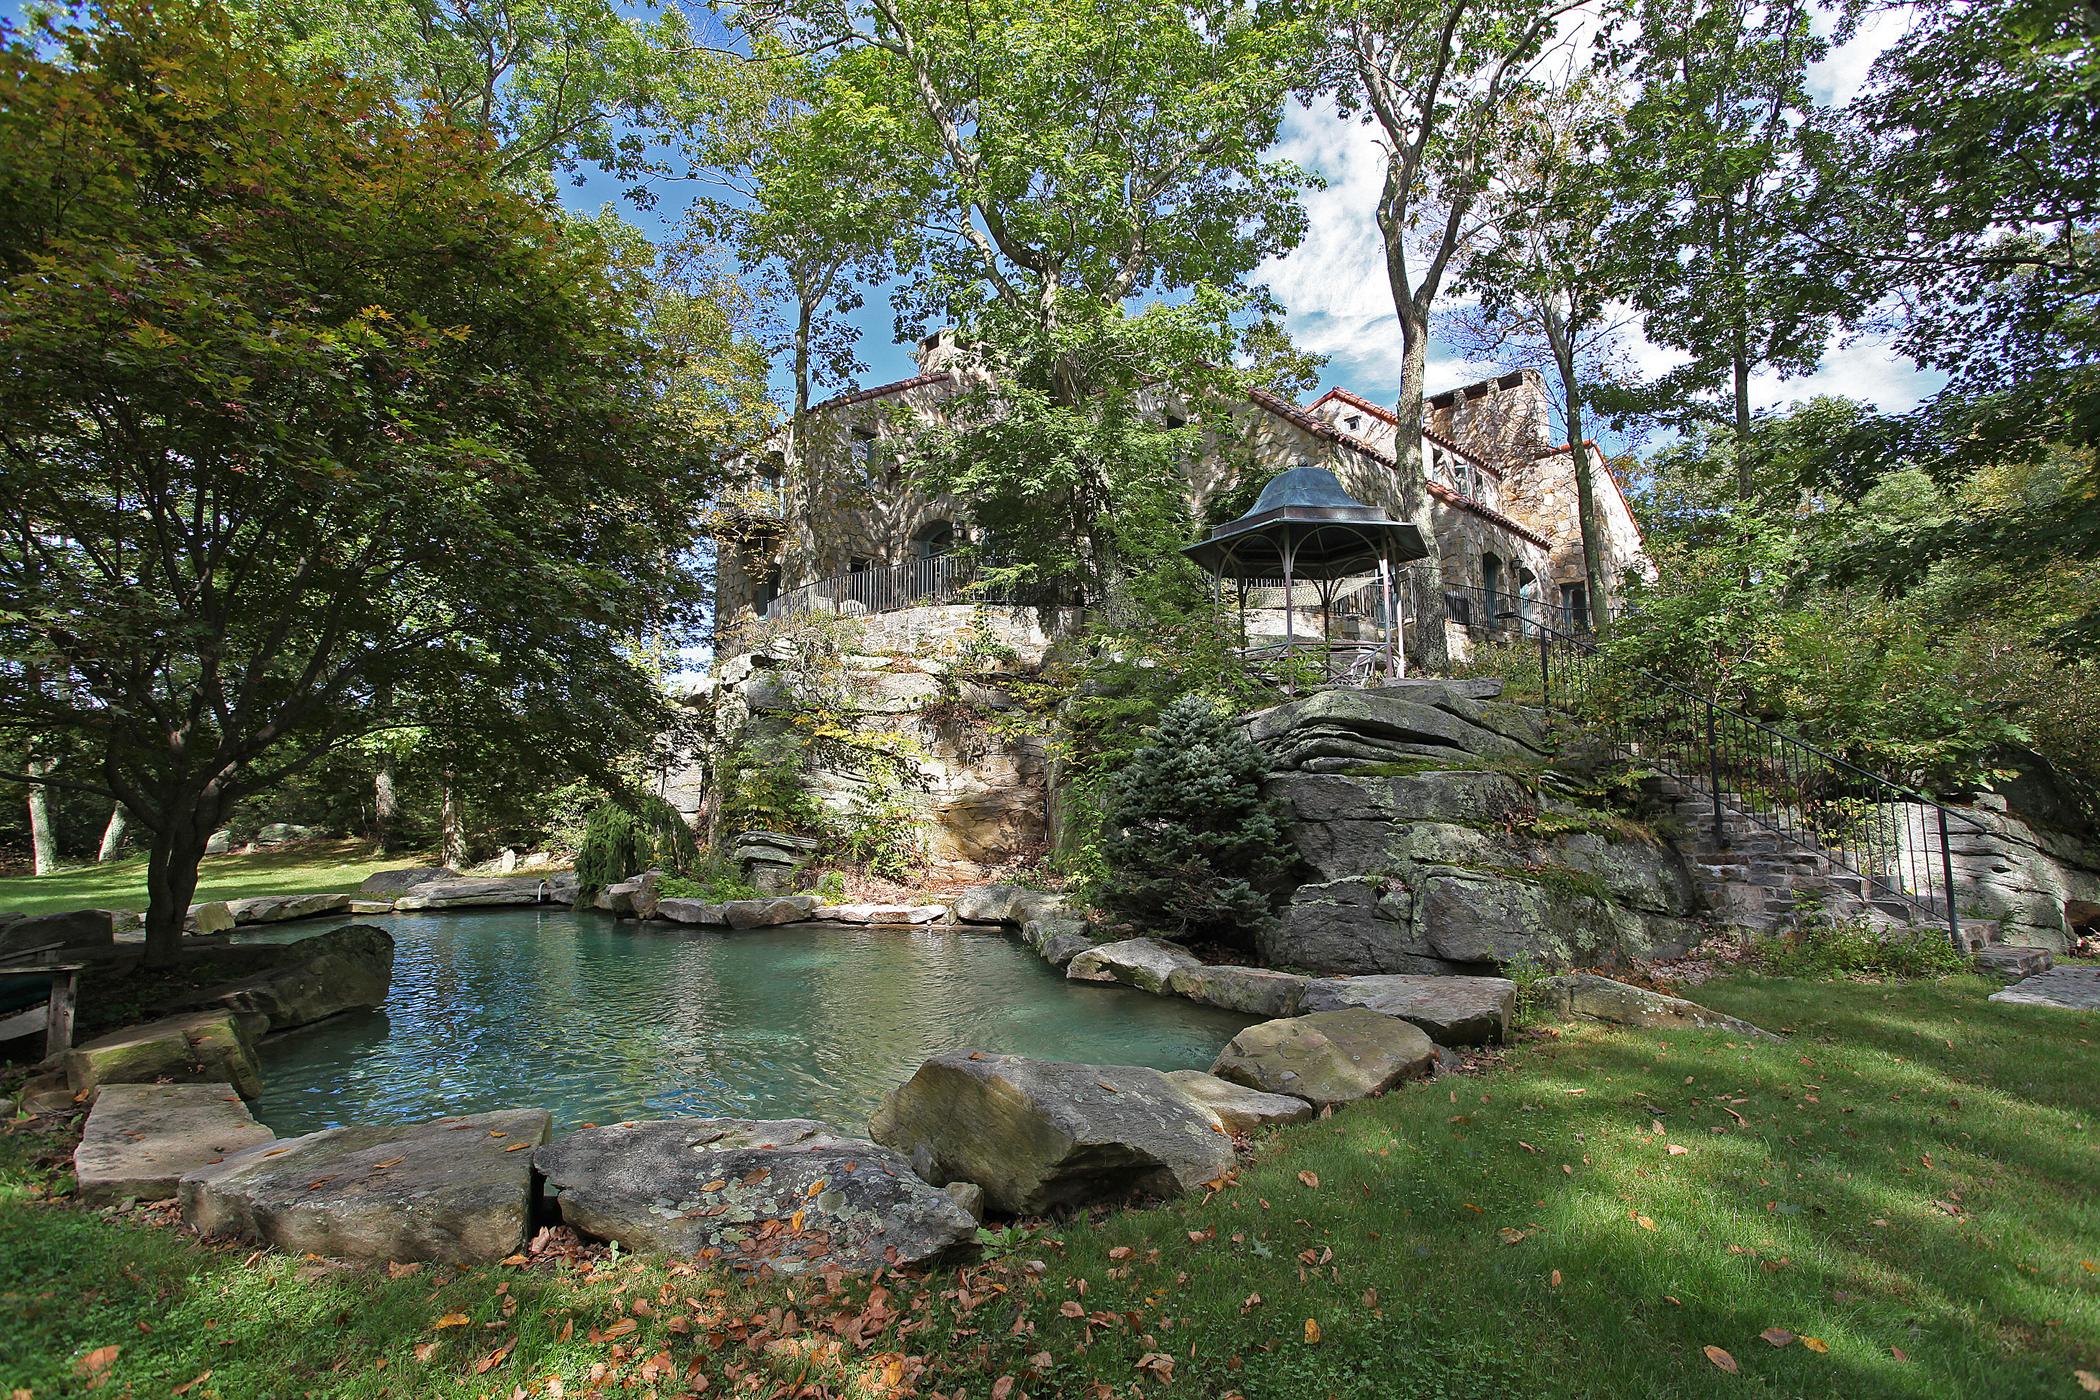 Casa Unifamiliar por un Venta en On the Rocks 78 Sentry Hill Rd Roxbury, Connecticut 06783 Estados Unidos